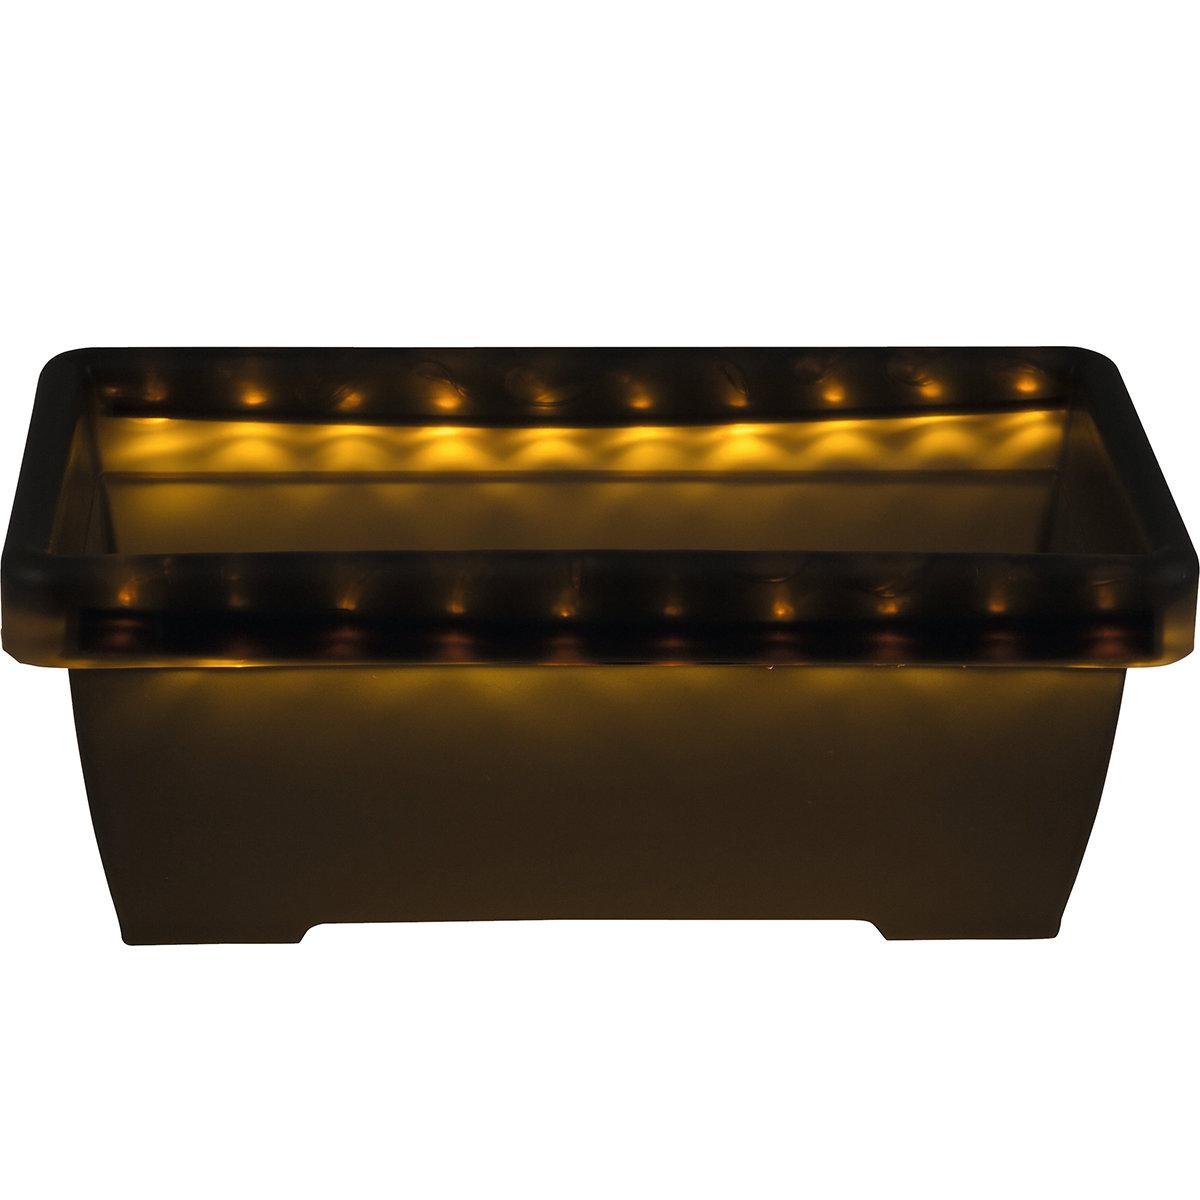 HEITRONIC® Solar LED-Blumenkasten | #2